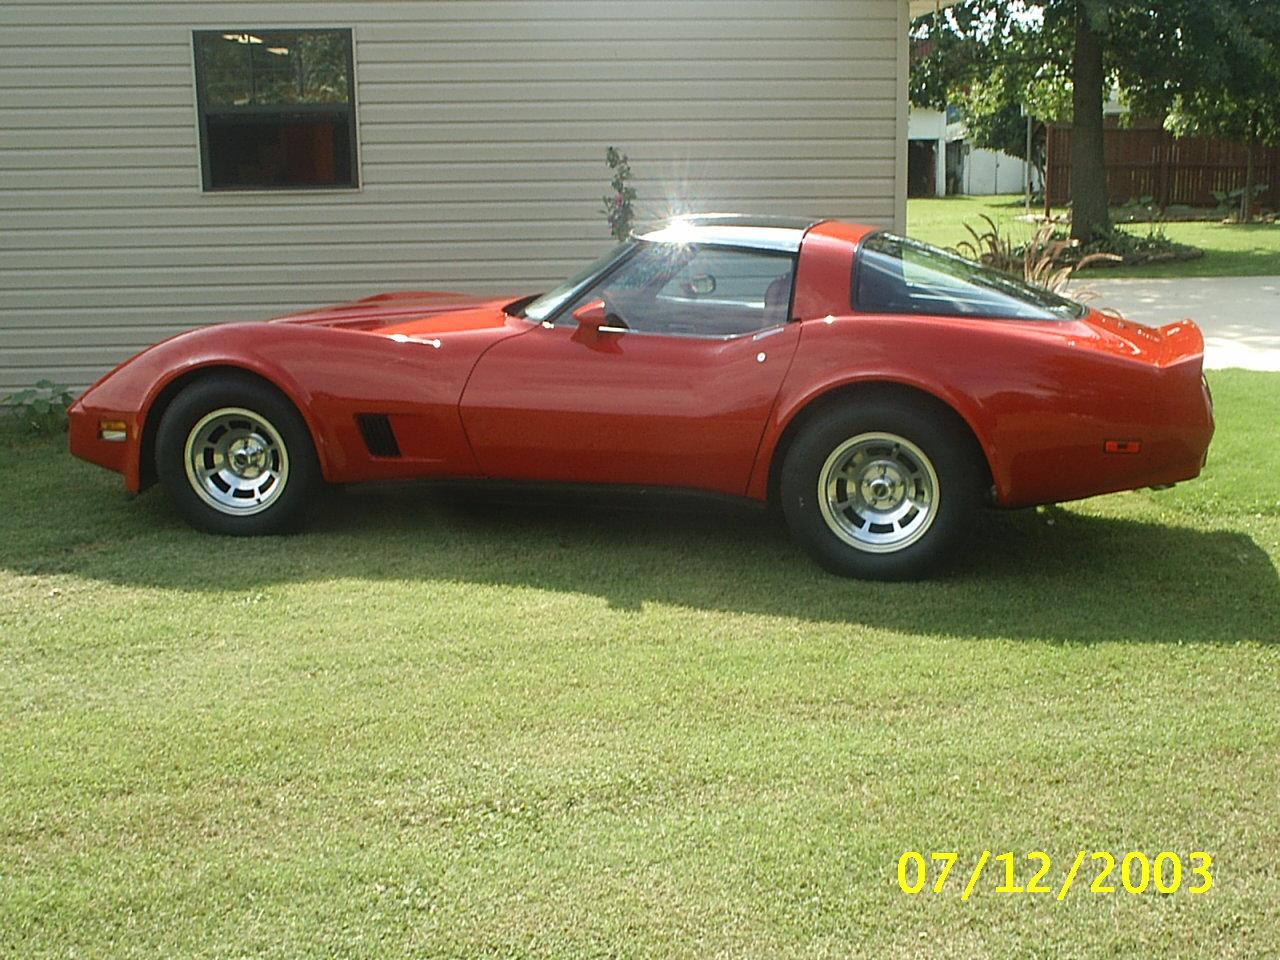 1981 Chevrolet Corvette Pictures Cargurus